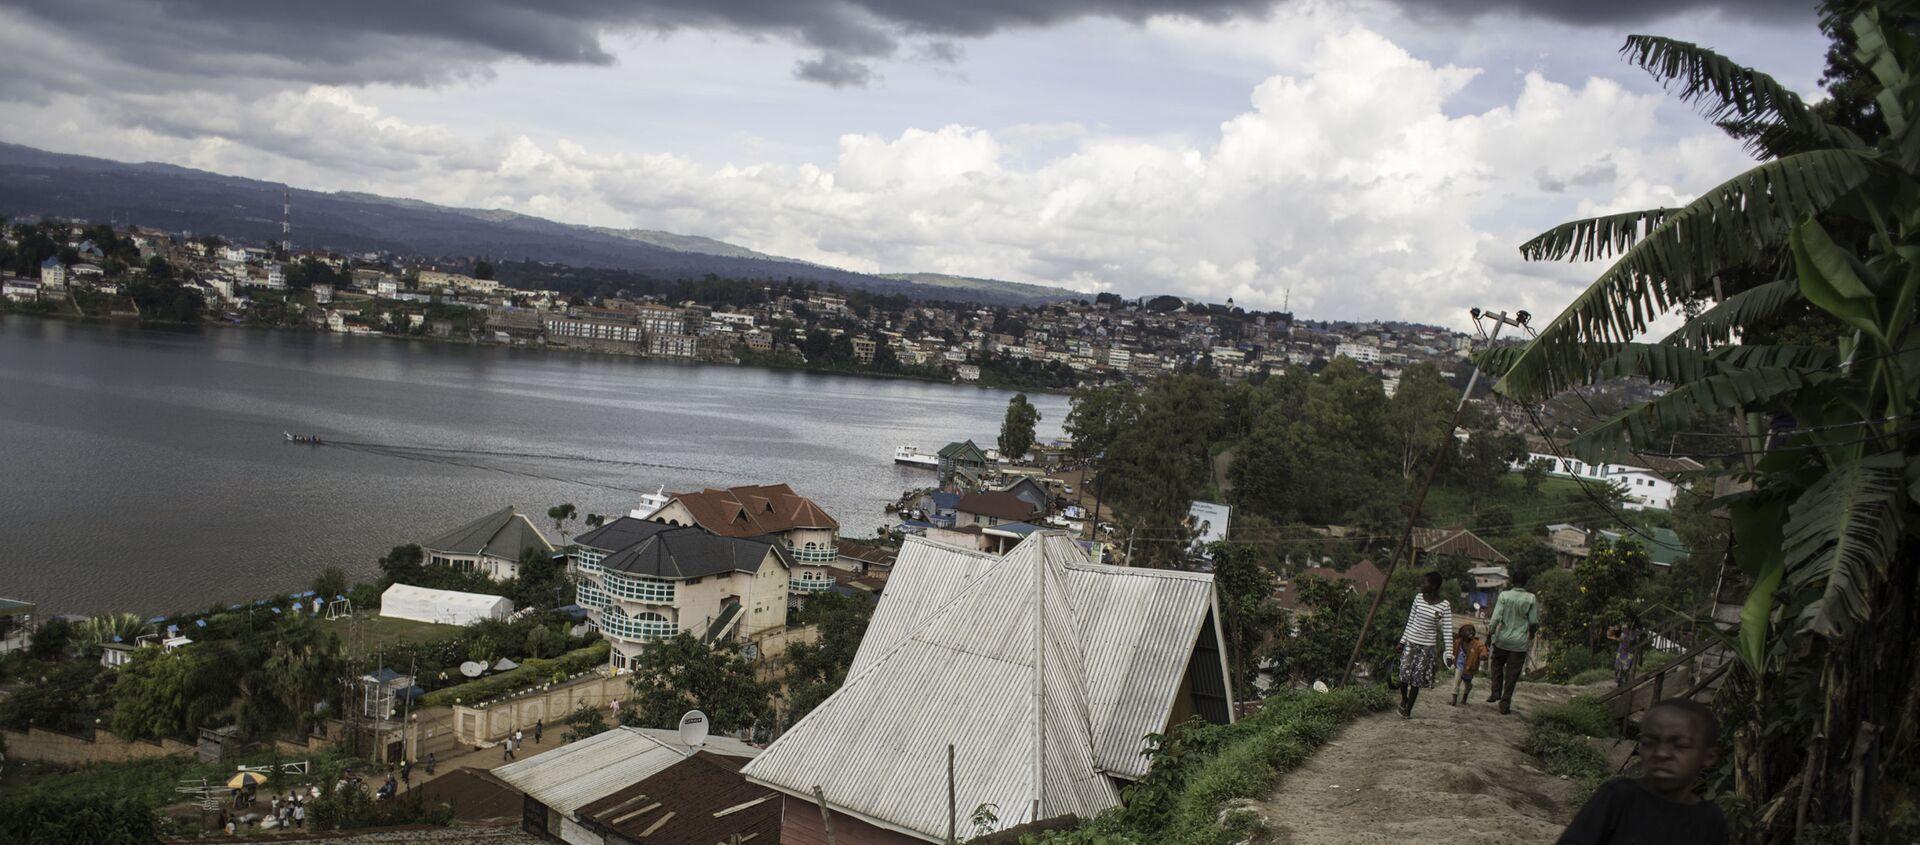 Les bords du lac Kuvu, en RDC. - Sputnik France, 1920, 29.12.2020